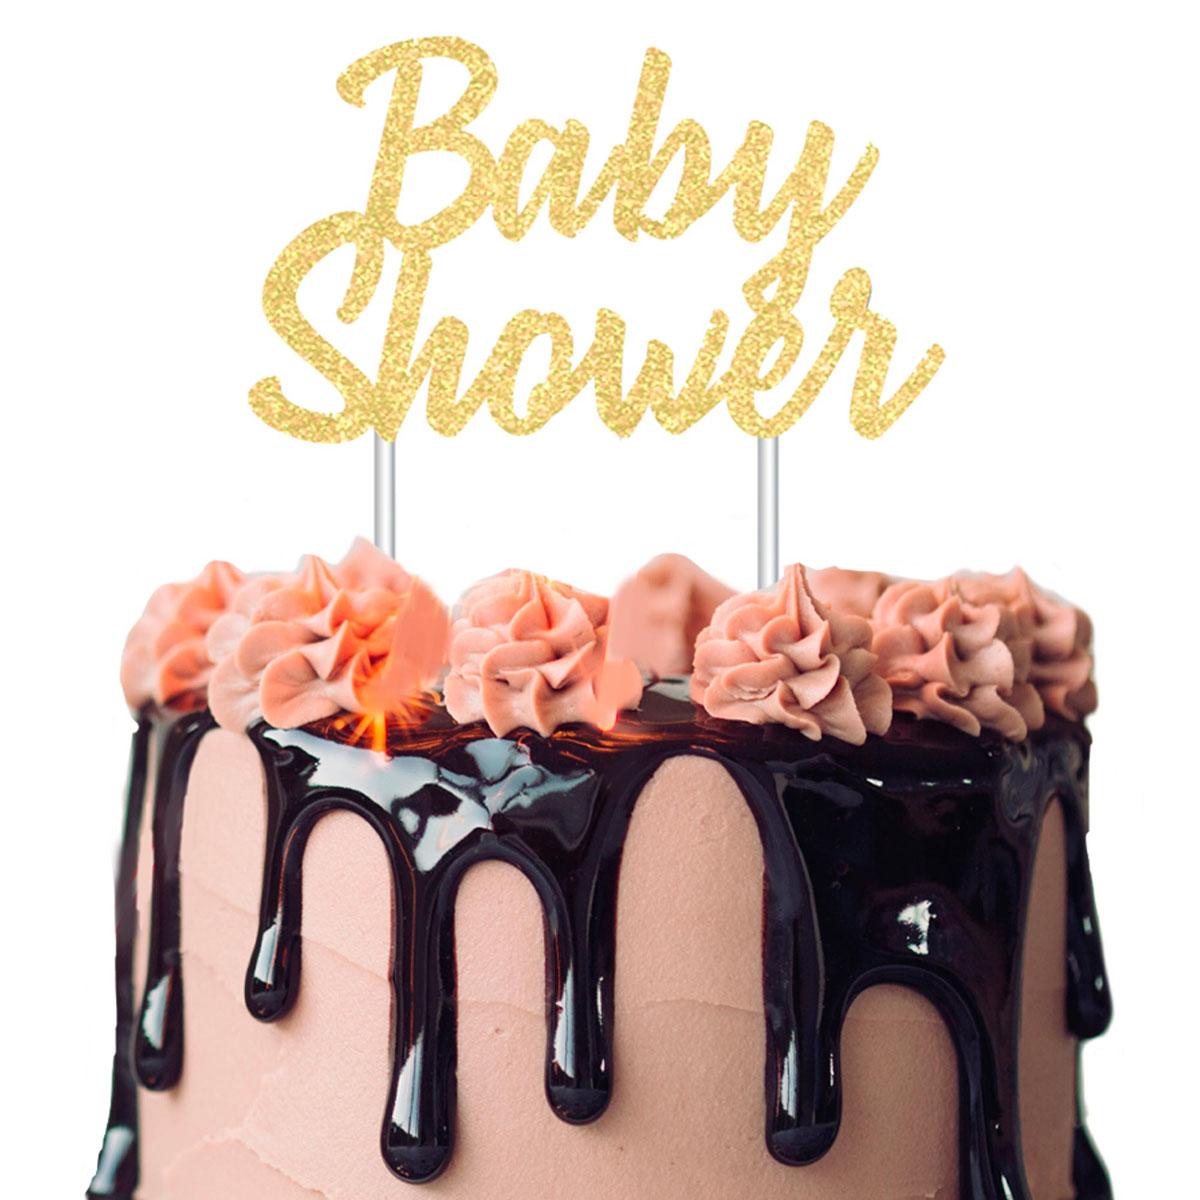 Déco gâteau \'Baby Shower\' doré - 21x18 cm - [A2515]